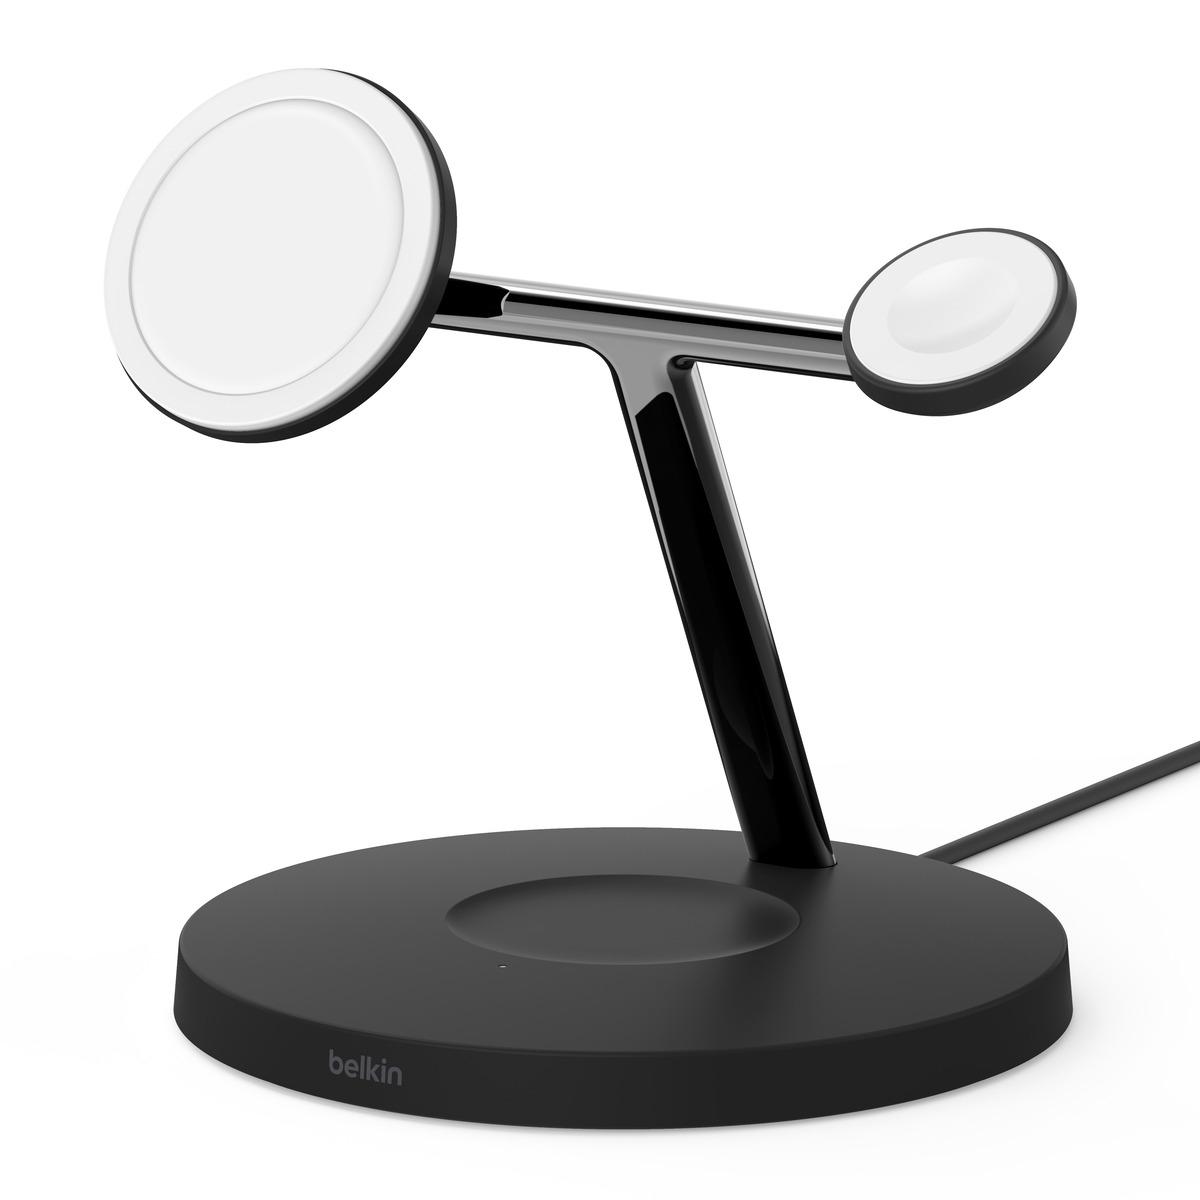 Belkin BOOST CHARGE PRO Drahtloser 3-in-1 Ladeständer Magsafe schwarz oder weiß 15 W für iPhone 12/Apple Watch/AirPods